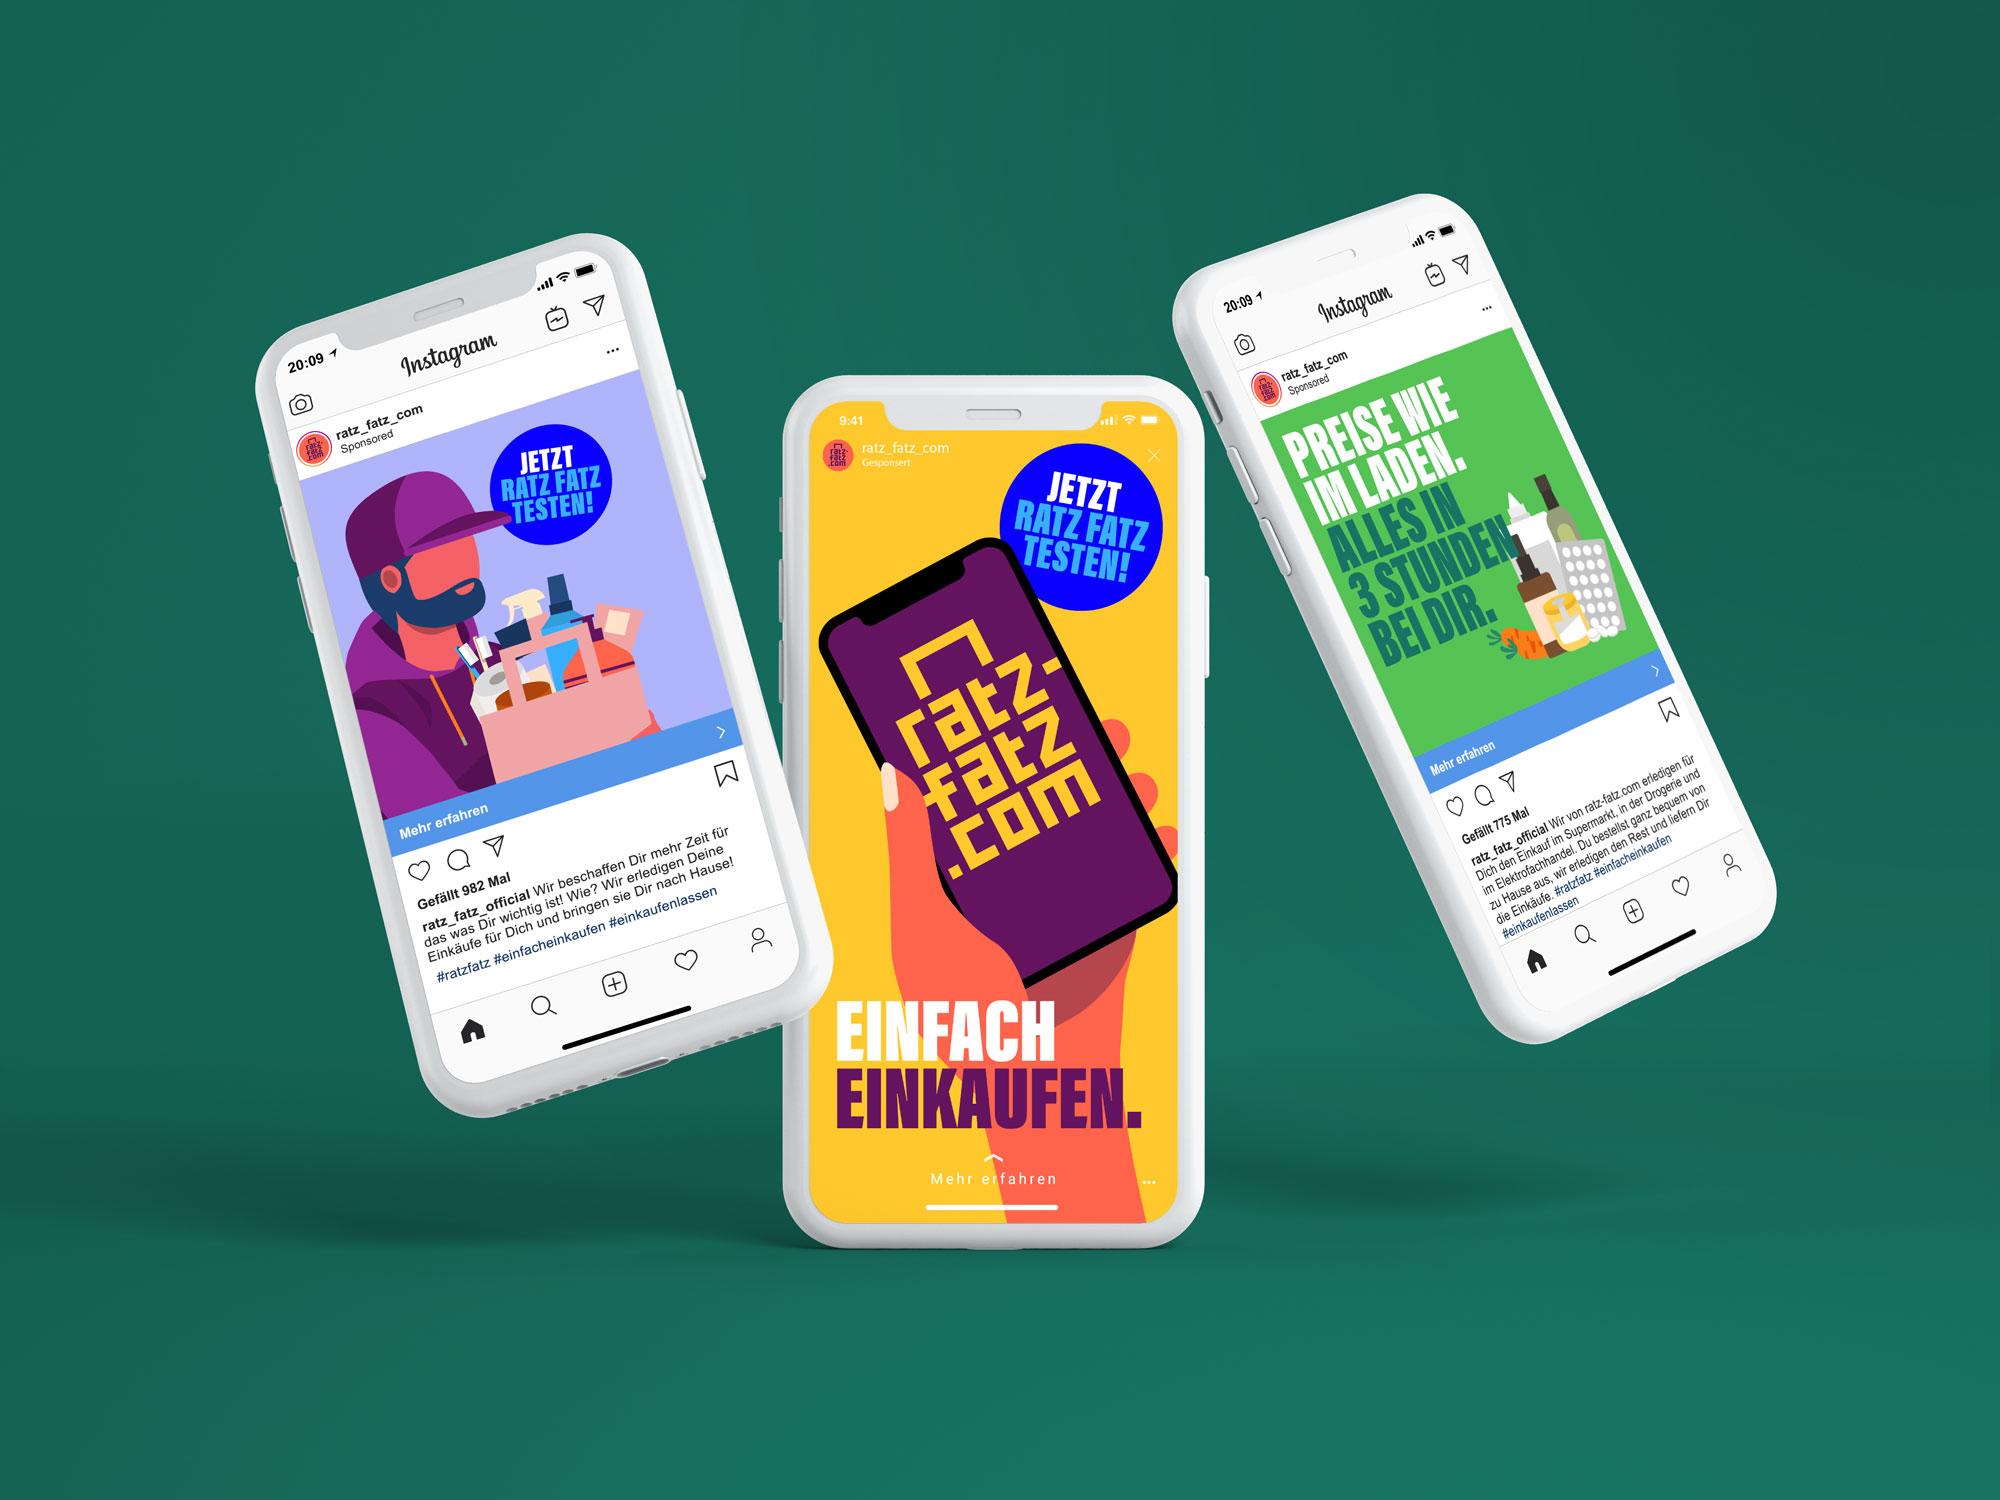 Social Media Marketing und Anzeigen für Essener Start-up Ratz-Fatz.com